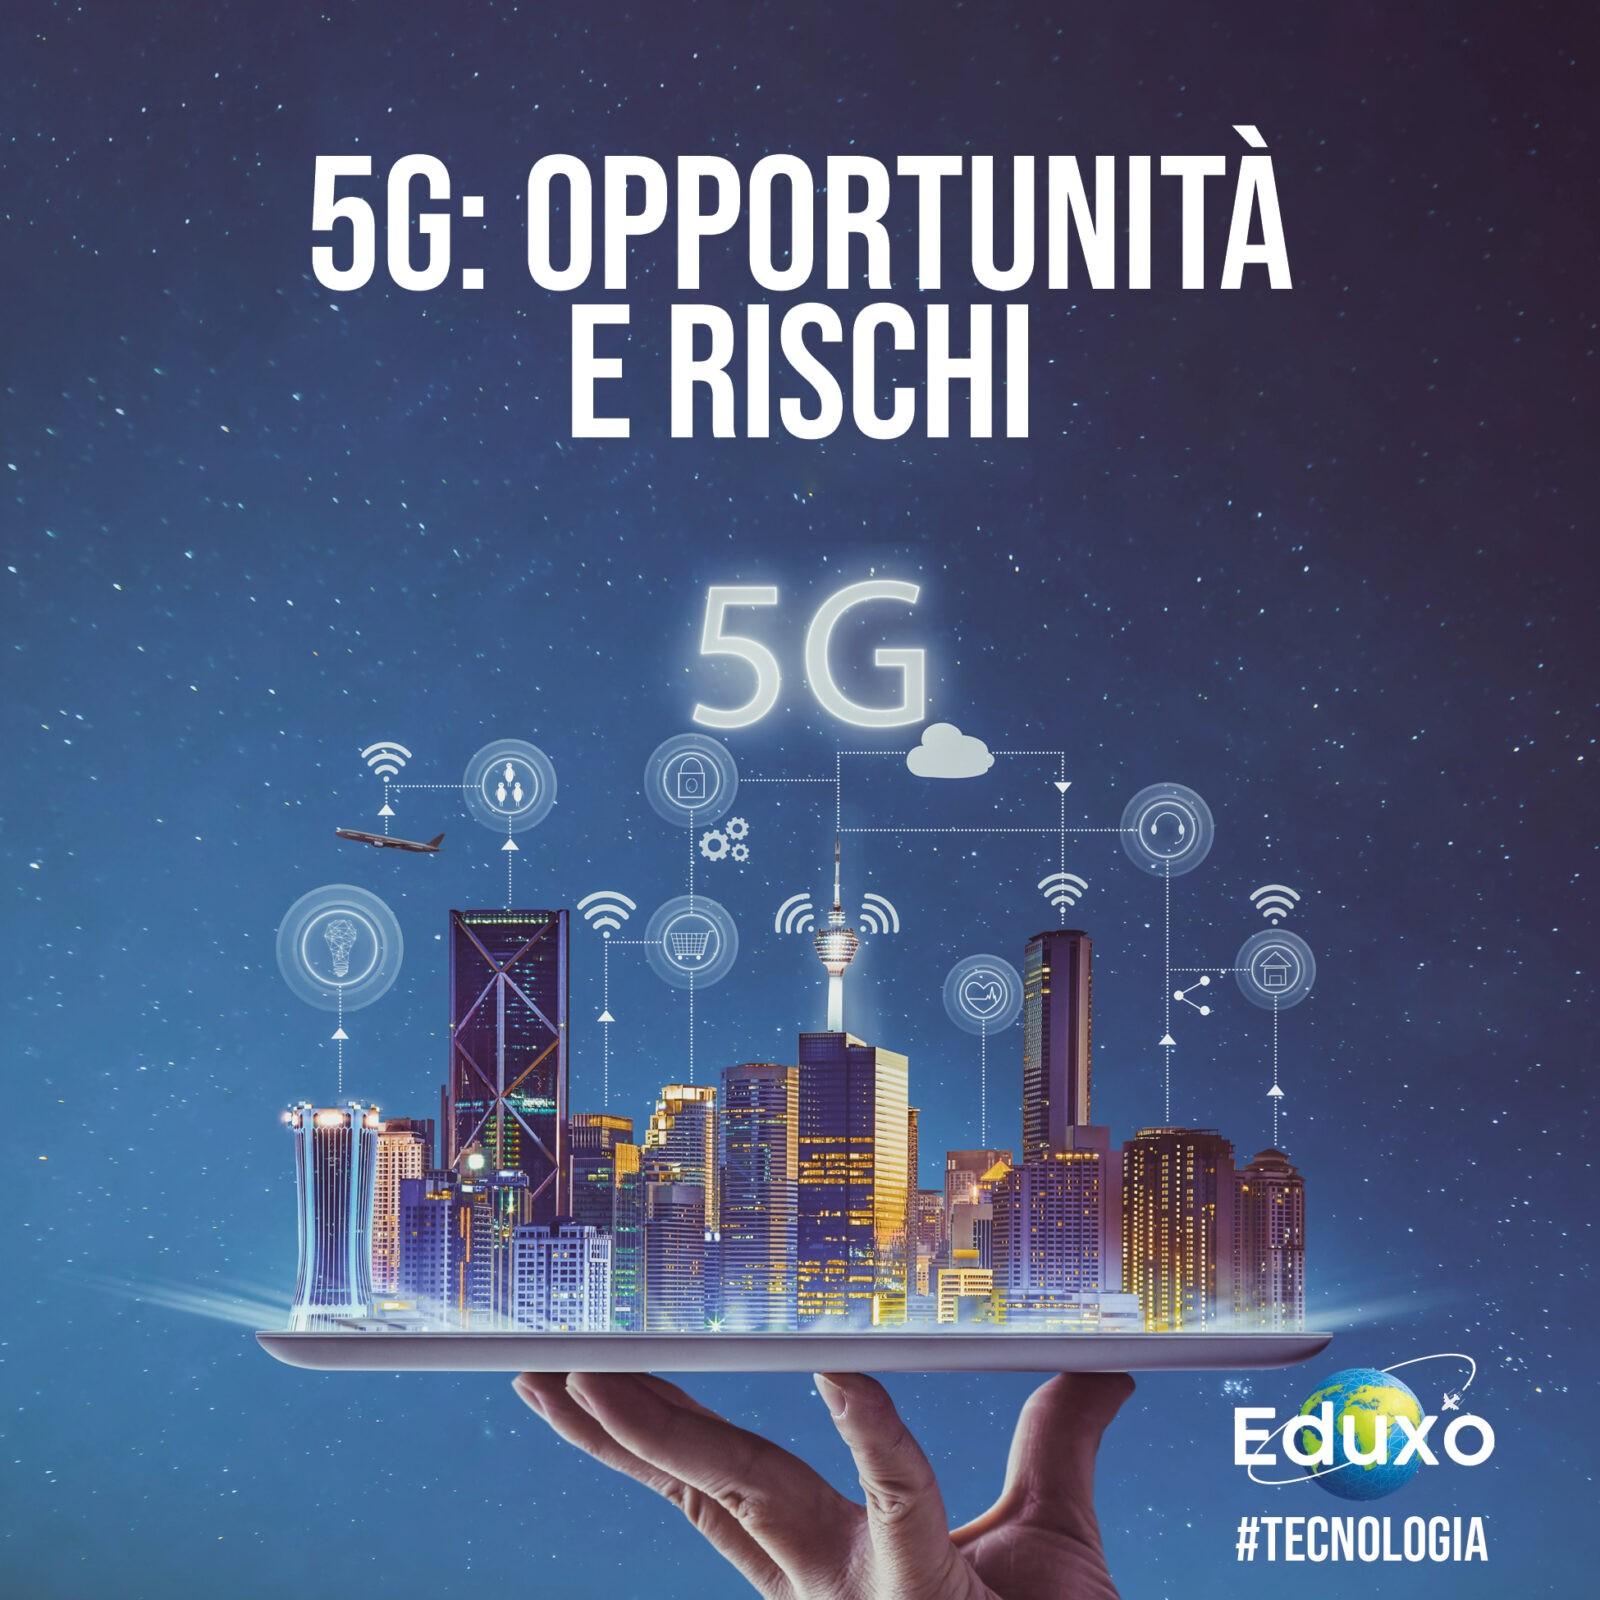 5G: Opportunità e rischi